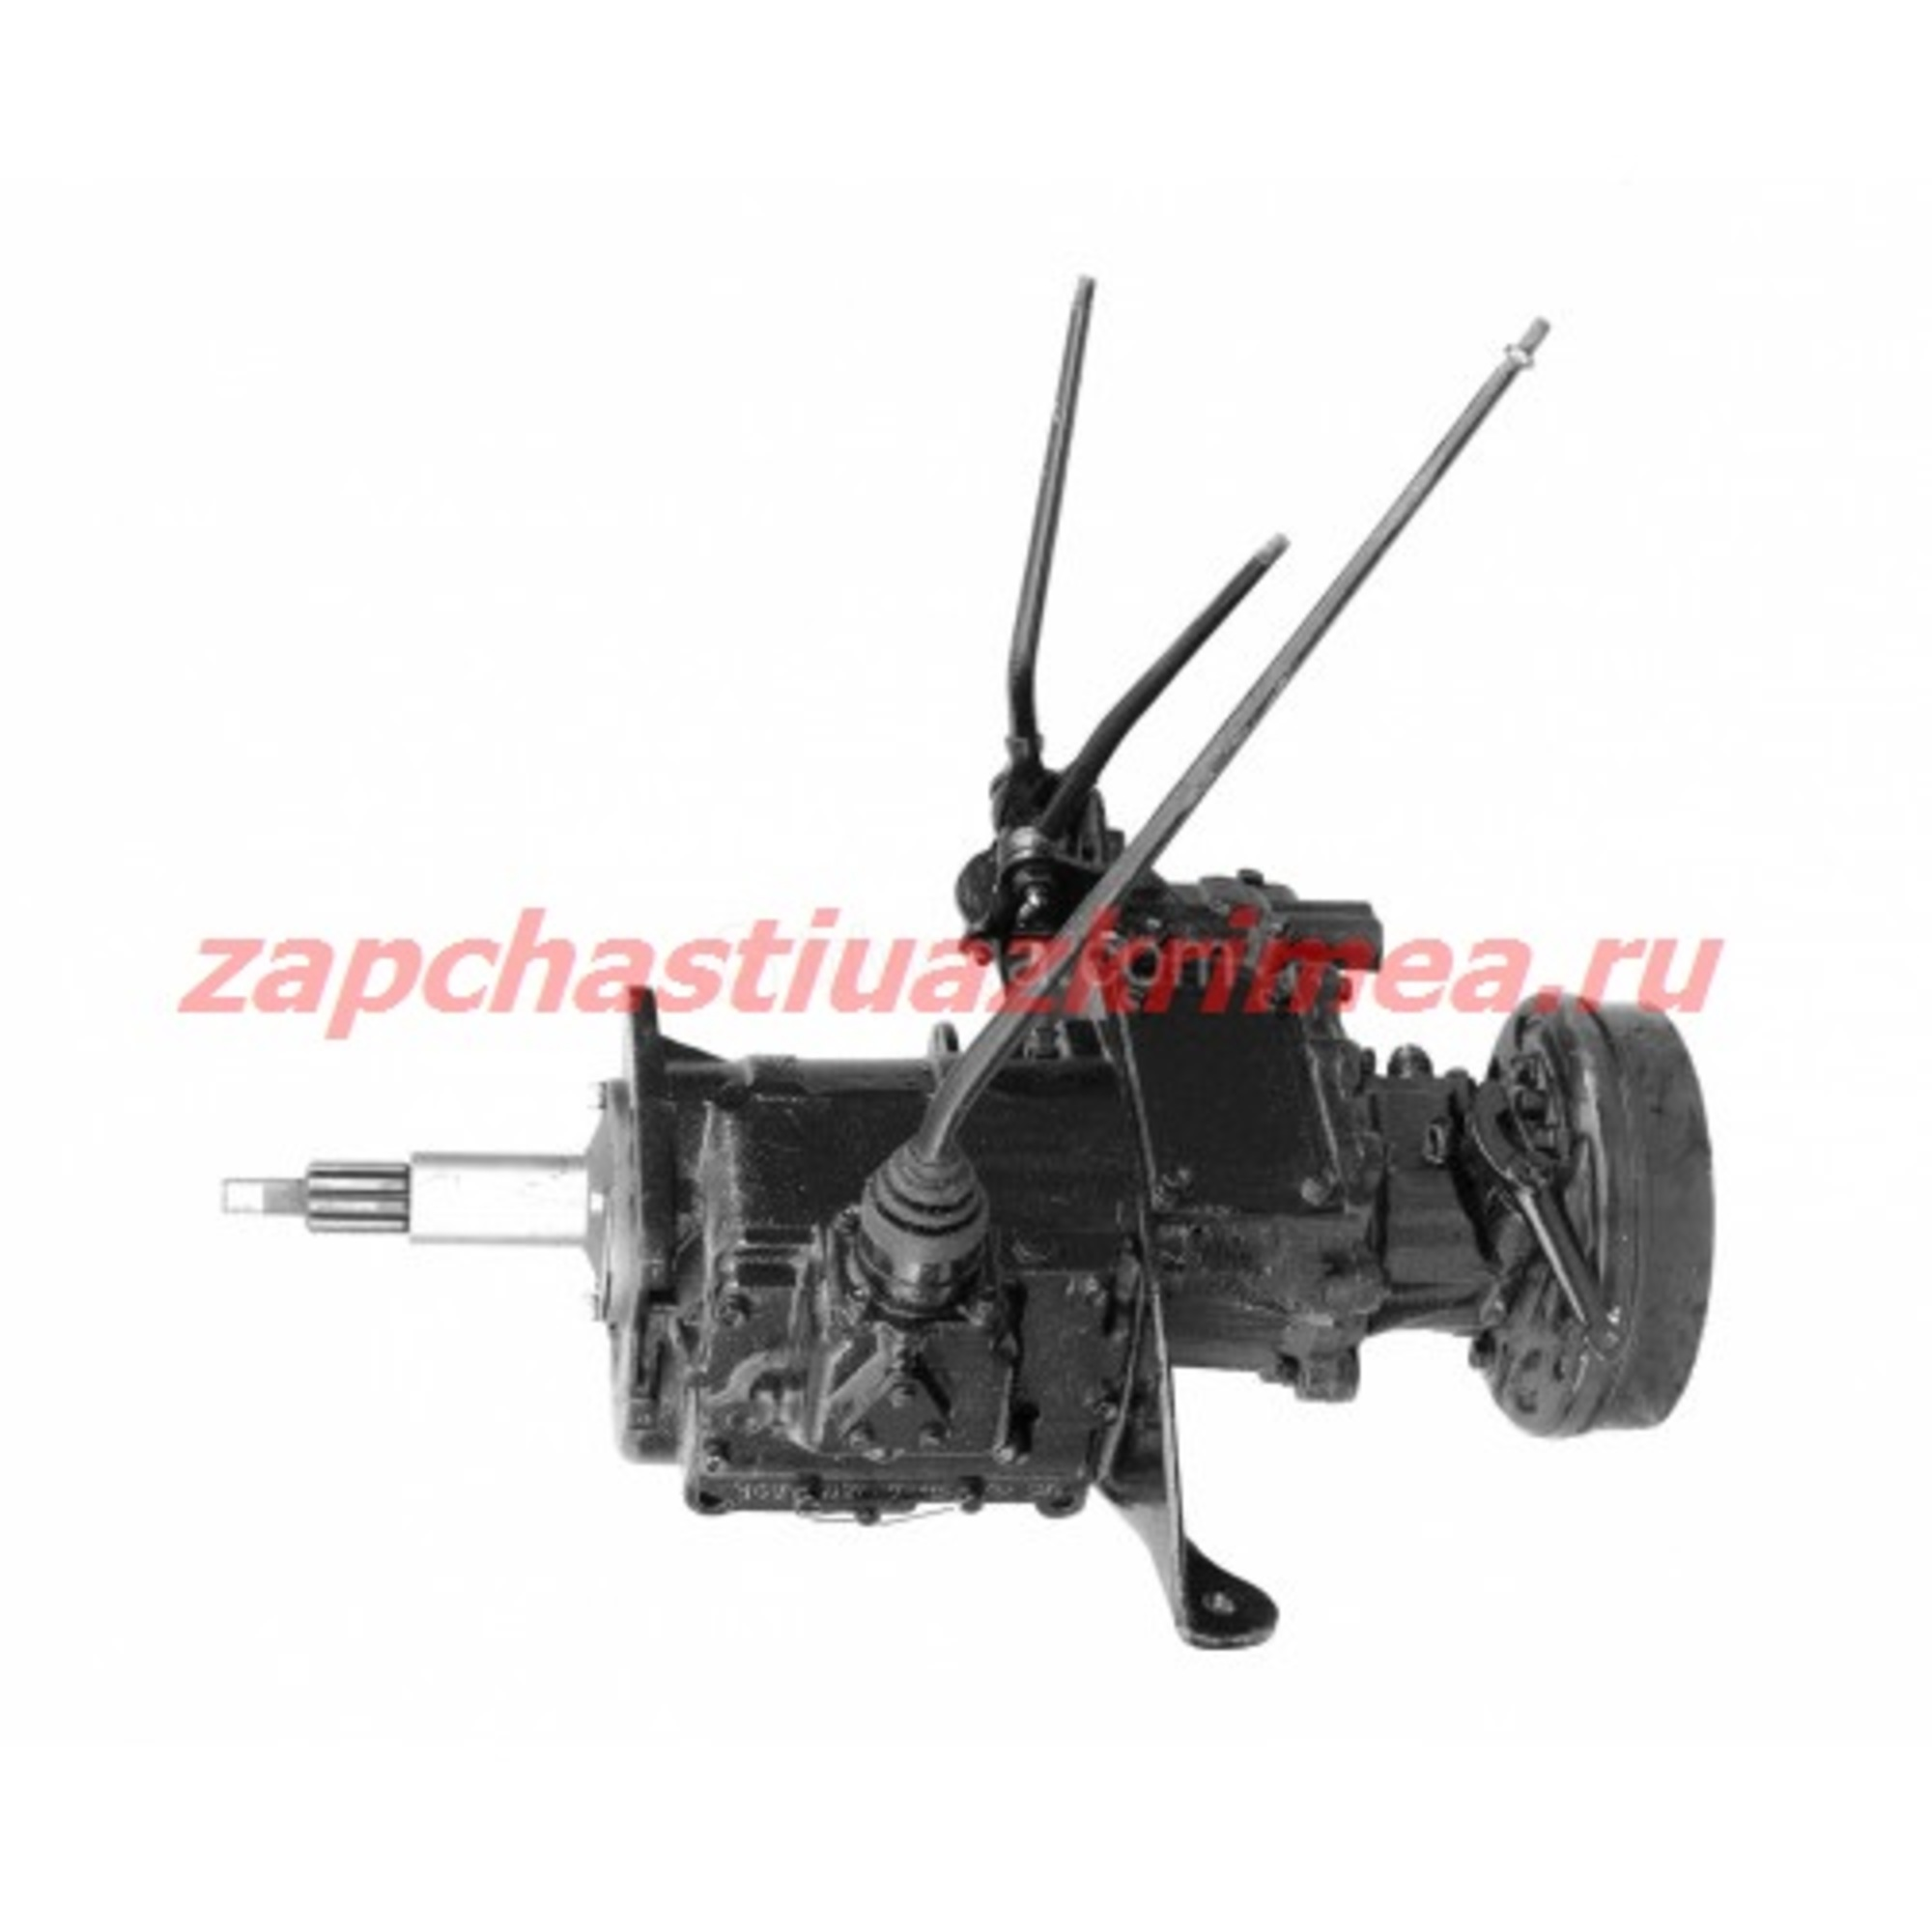 Агрегат в сб. УАЗ 469 4-х синх.КПП (тонкий вал) 3151-20-1700005-95